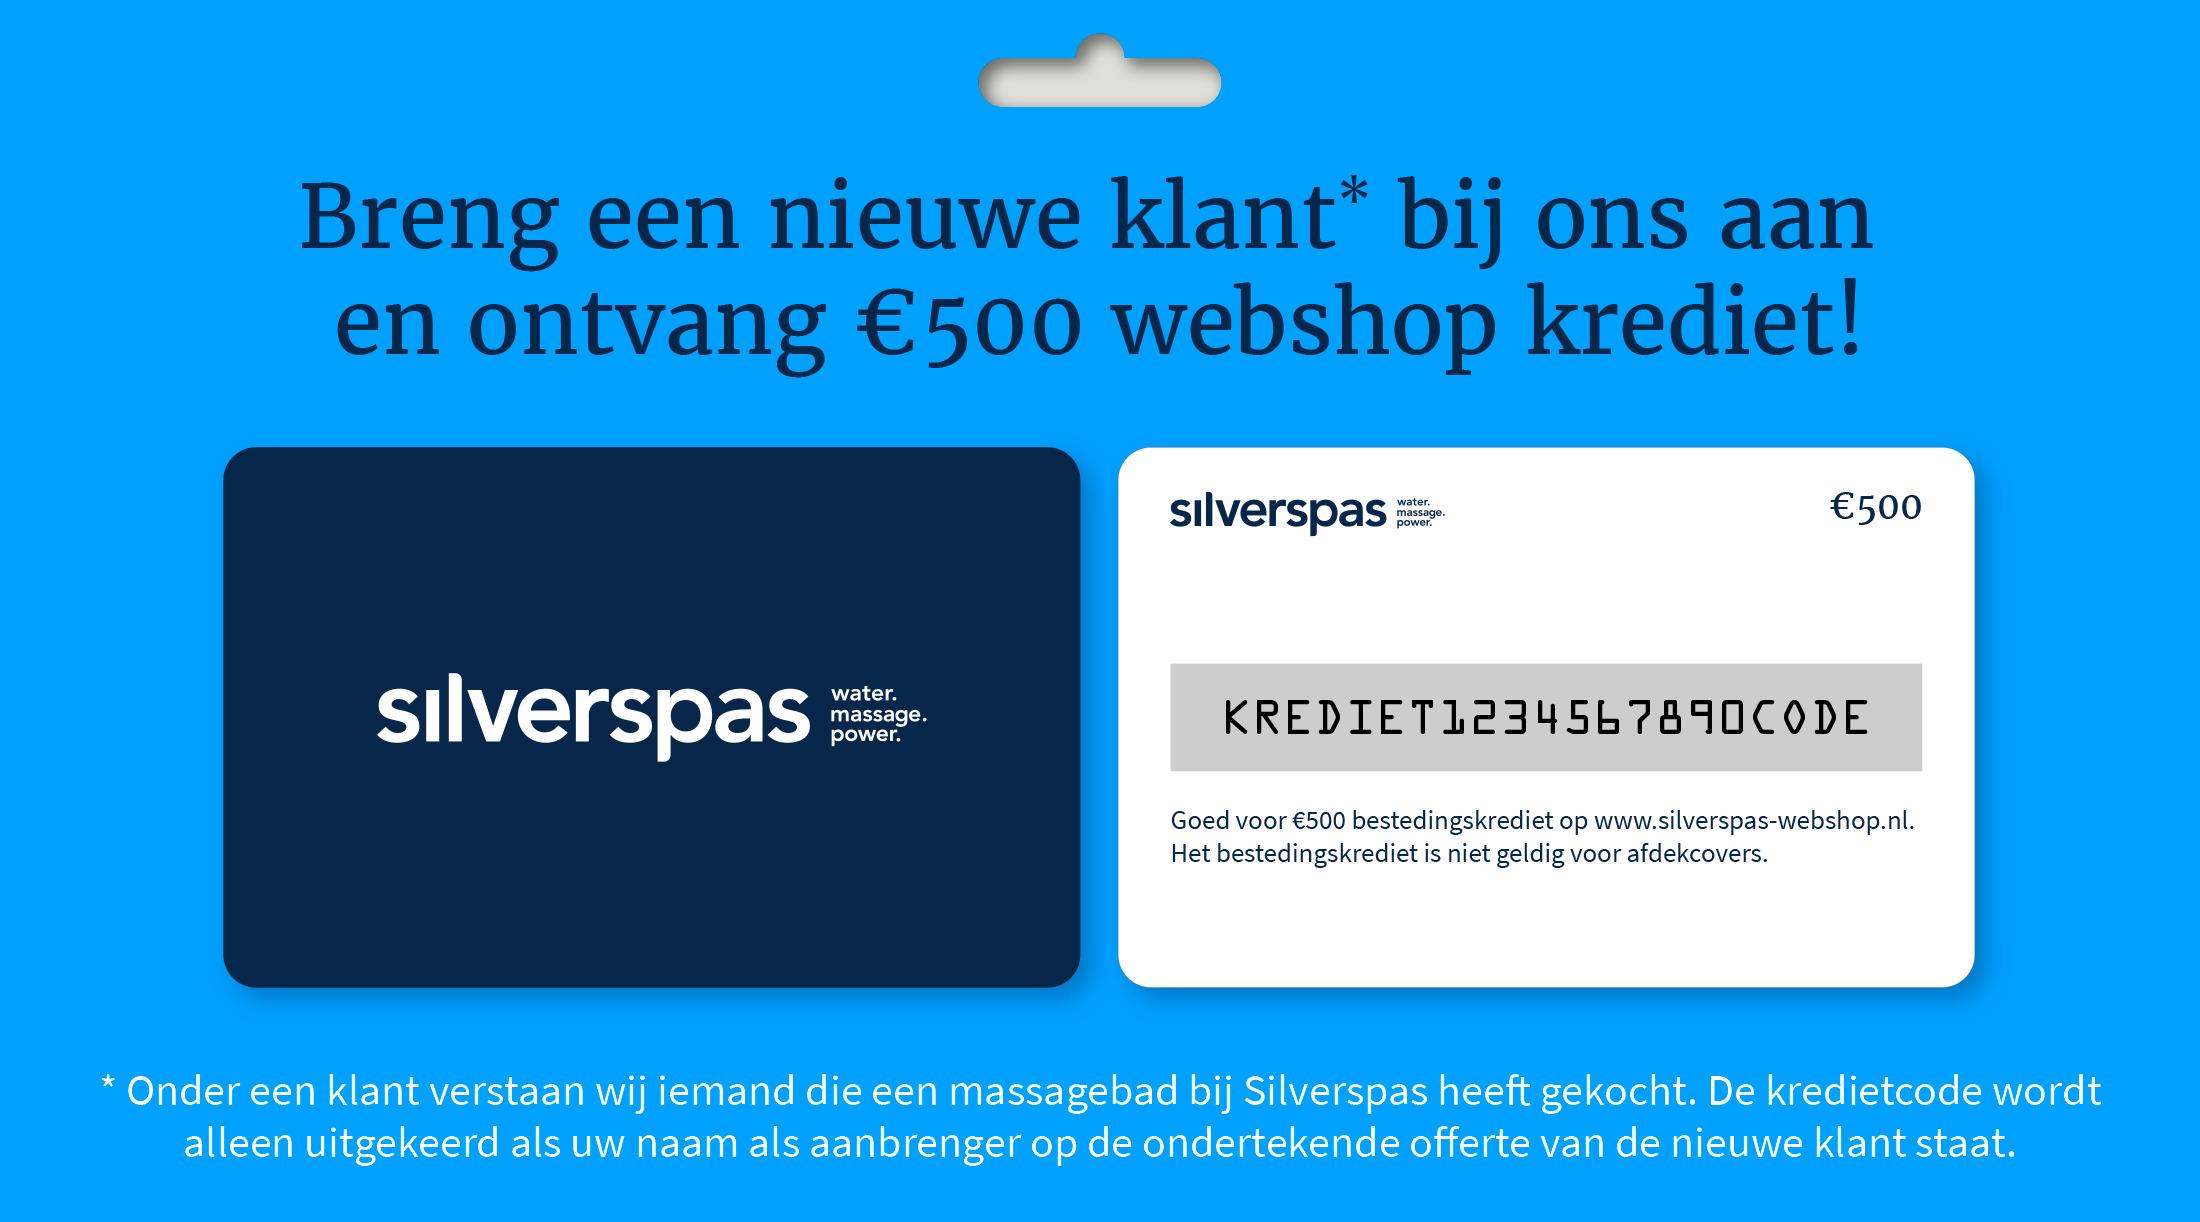 Kredietcode1